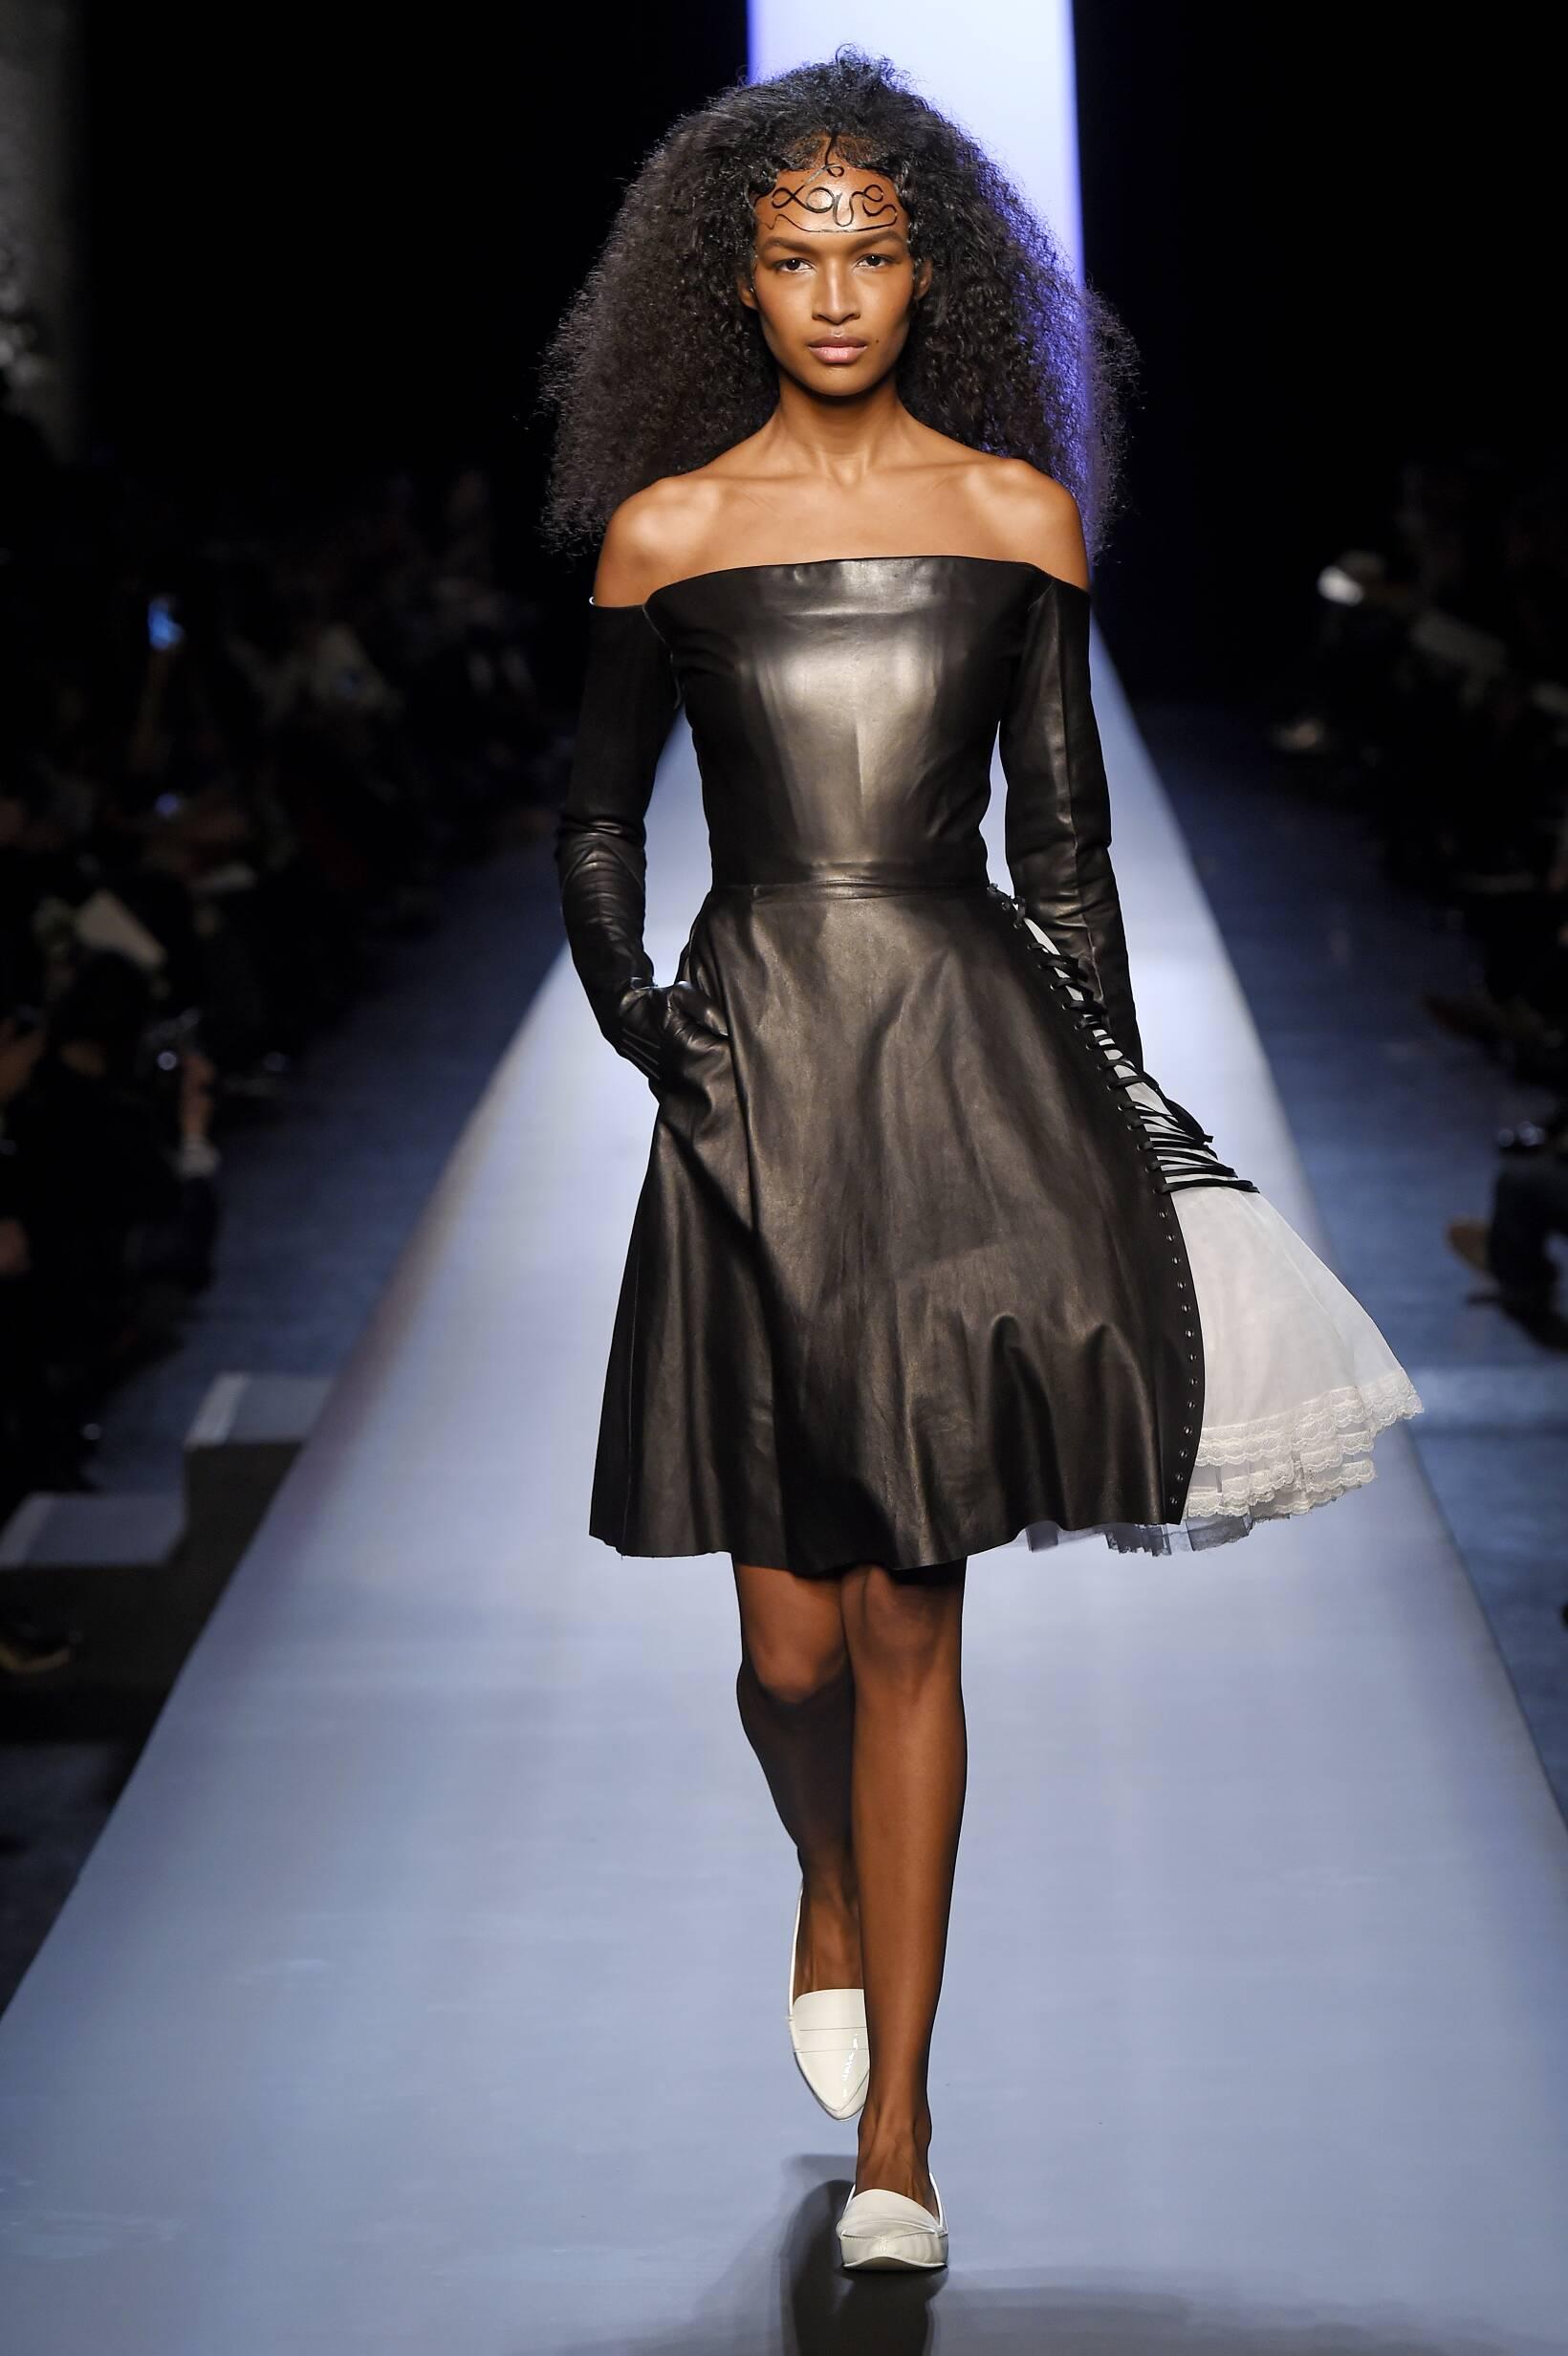 Jean Paul Gaultier Haute Couture Collection Woman Paris Fashion Week